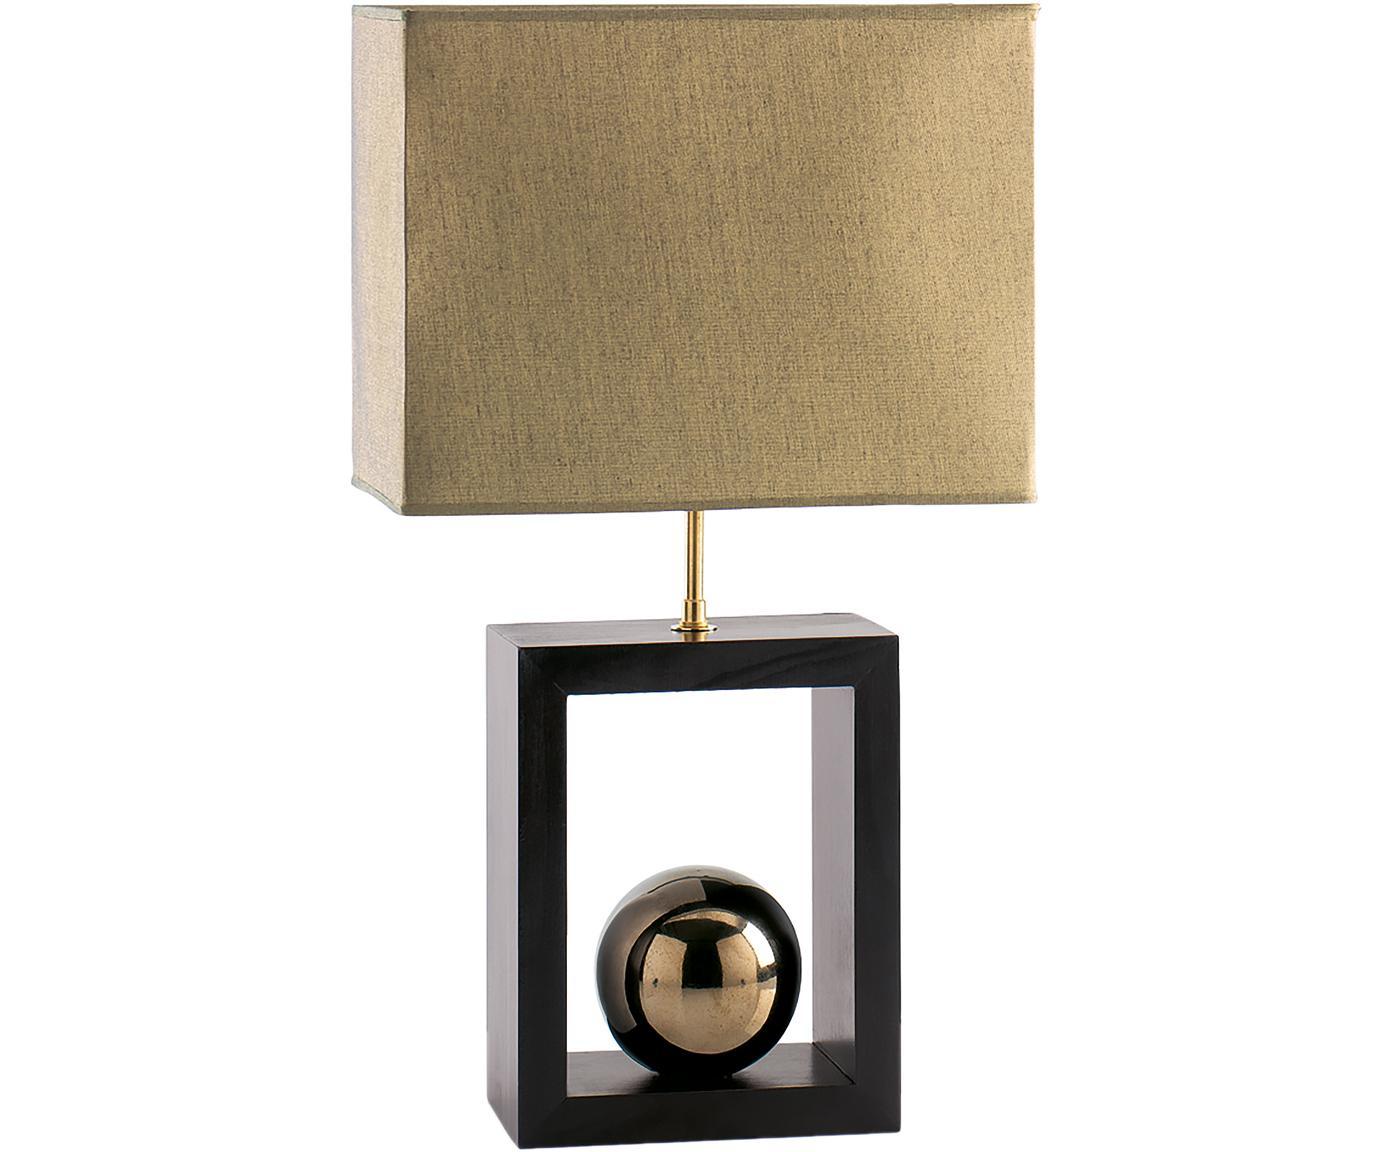 Lampada da tavolo in legno di faggio Scala, Paralume: poliestere, Base della lampada: legno di faggio verniciat, Dorato, marrone, Larg. 30 x Alt. 54 cm